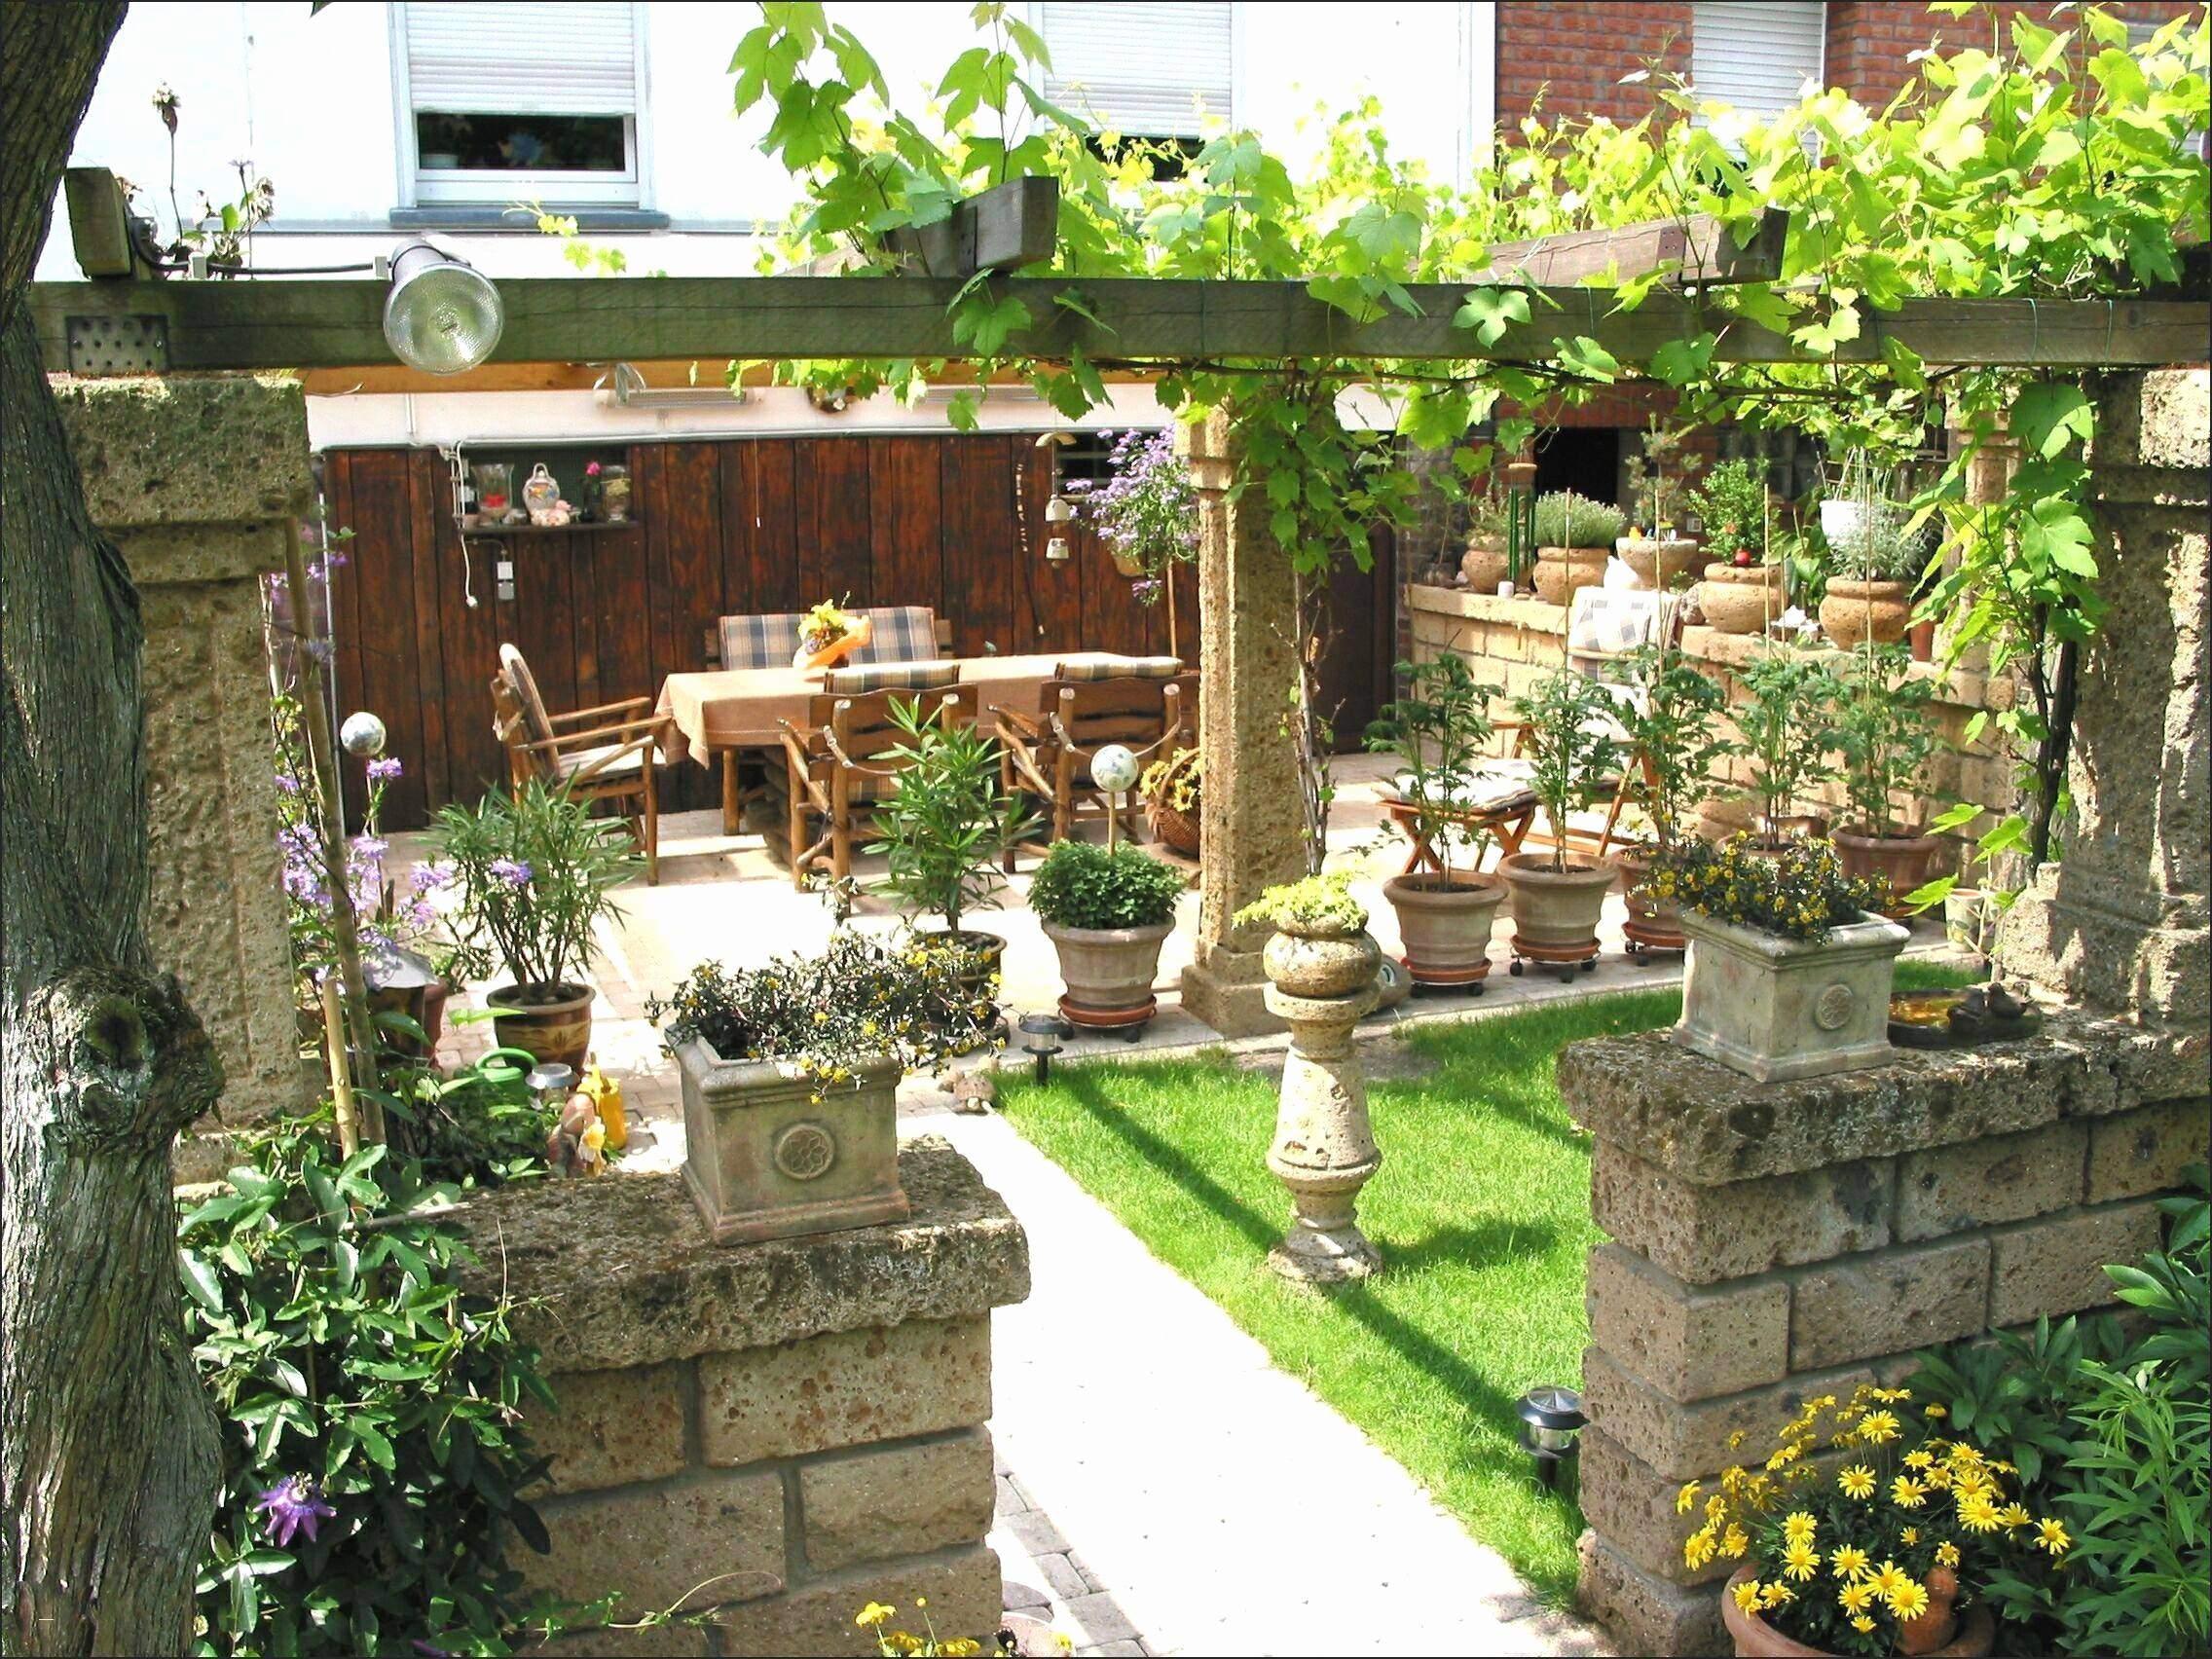 garten terrasse gestalten inspirierend 46 inspirierend terrassen beispiele garten of garten terrasse gestalten